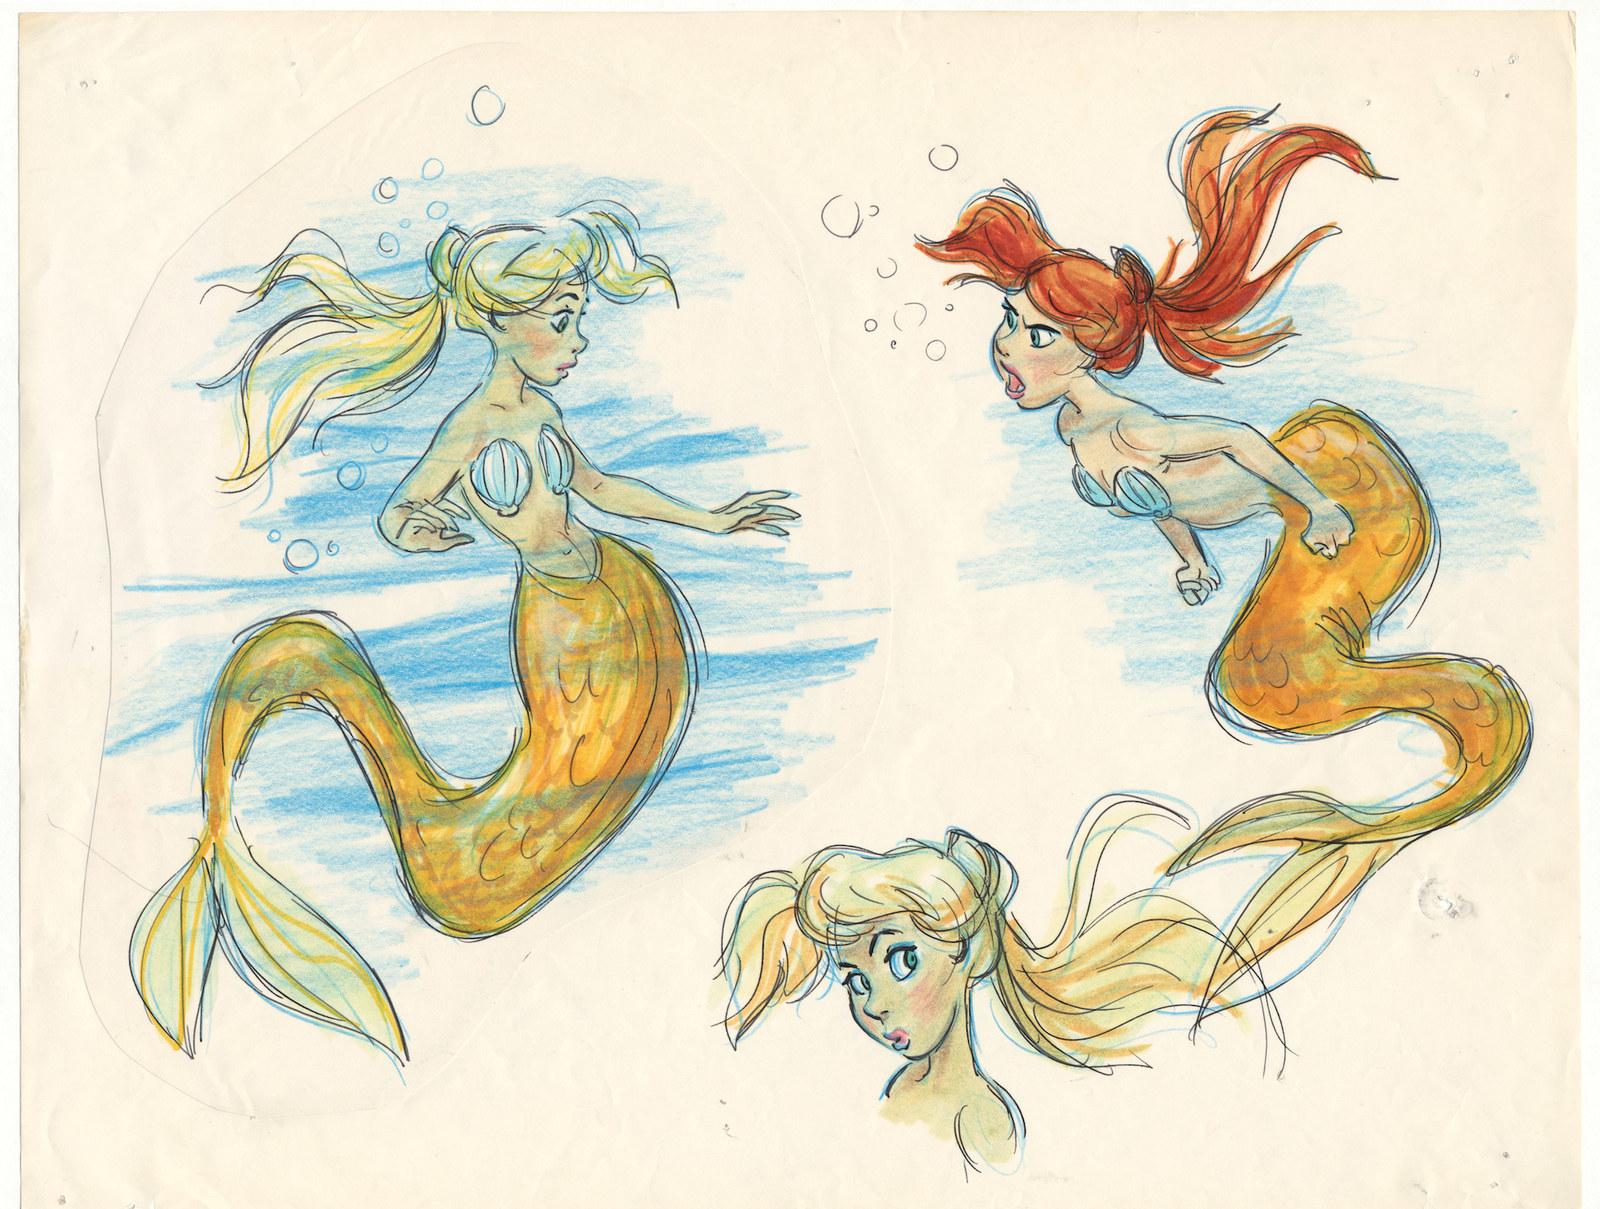 La Petite Sirène [Walt Disney - 1989] - Page 35 Sub-buzz-14119-1550693223-1